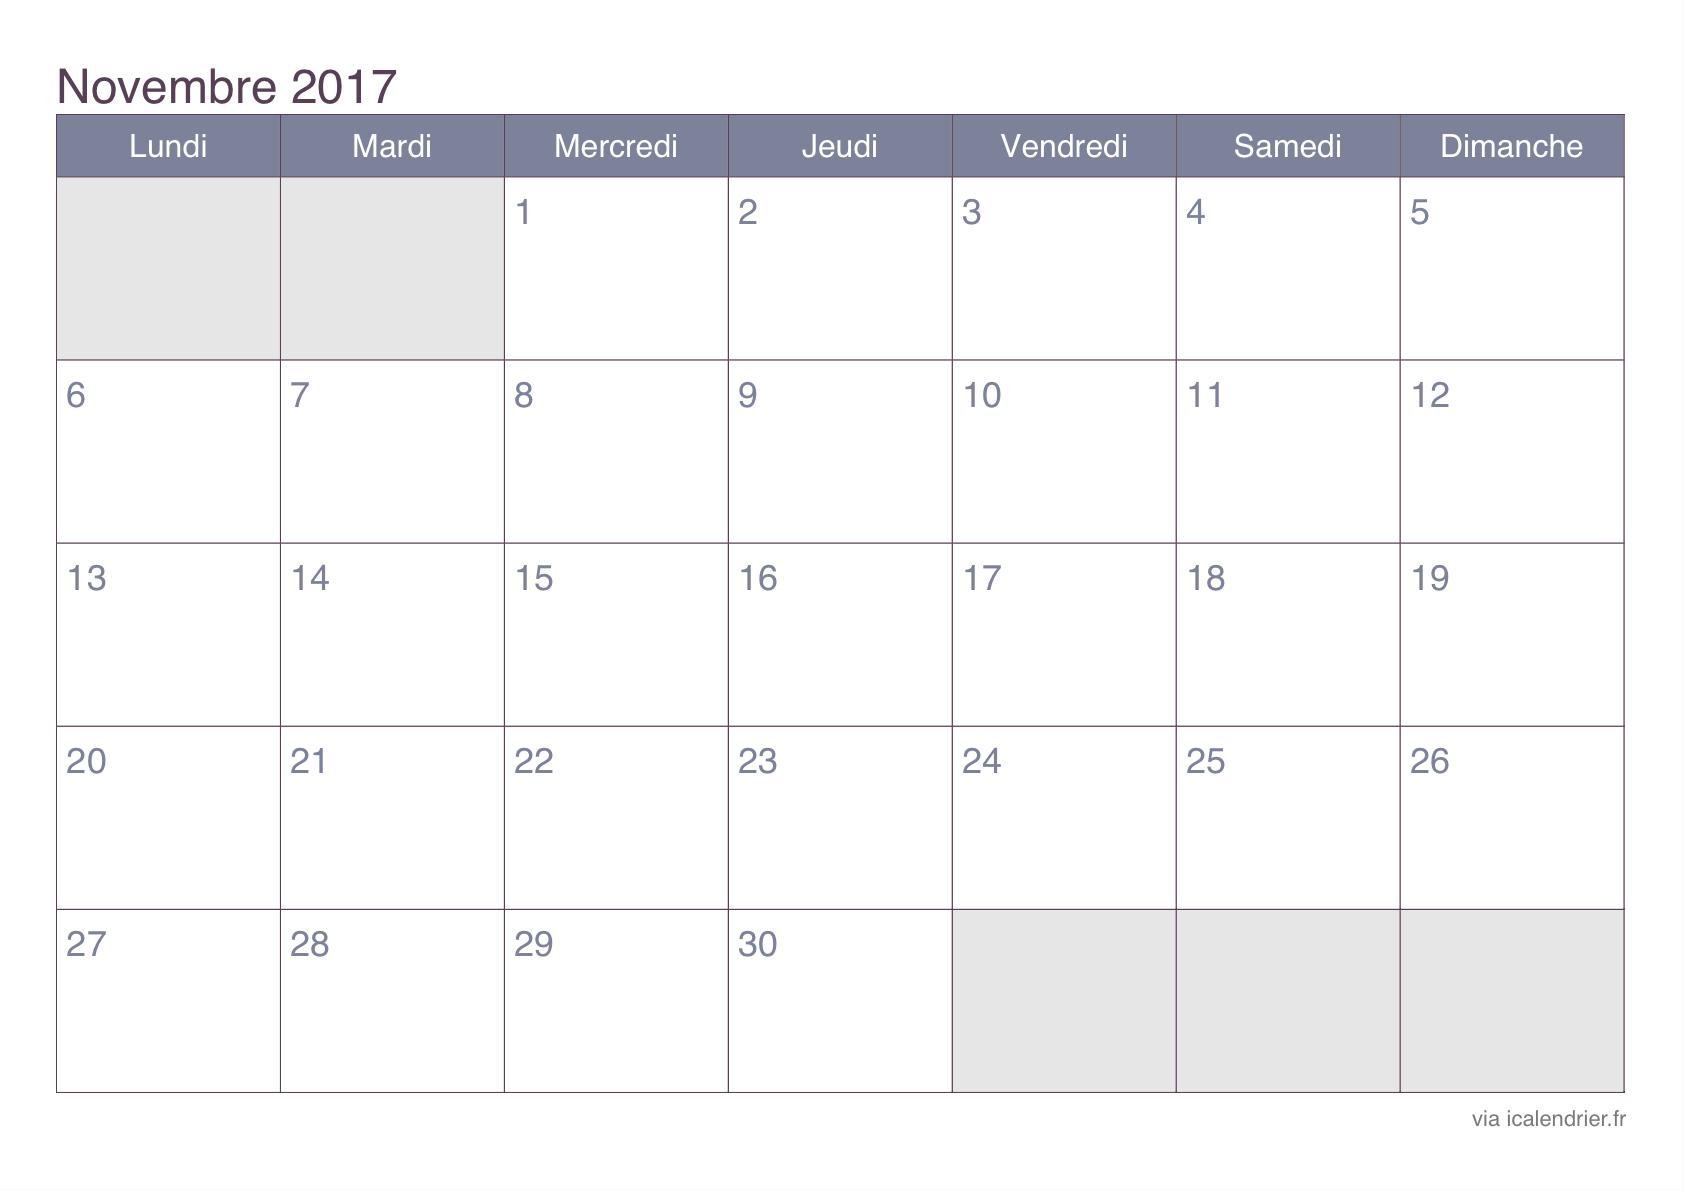 Calendrier Novembre 2017 À Imprimer - Icalendrier pour Calendrier 2017 Imprimable